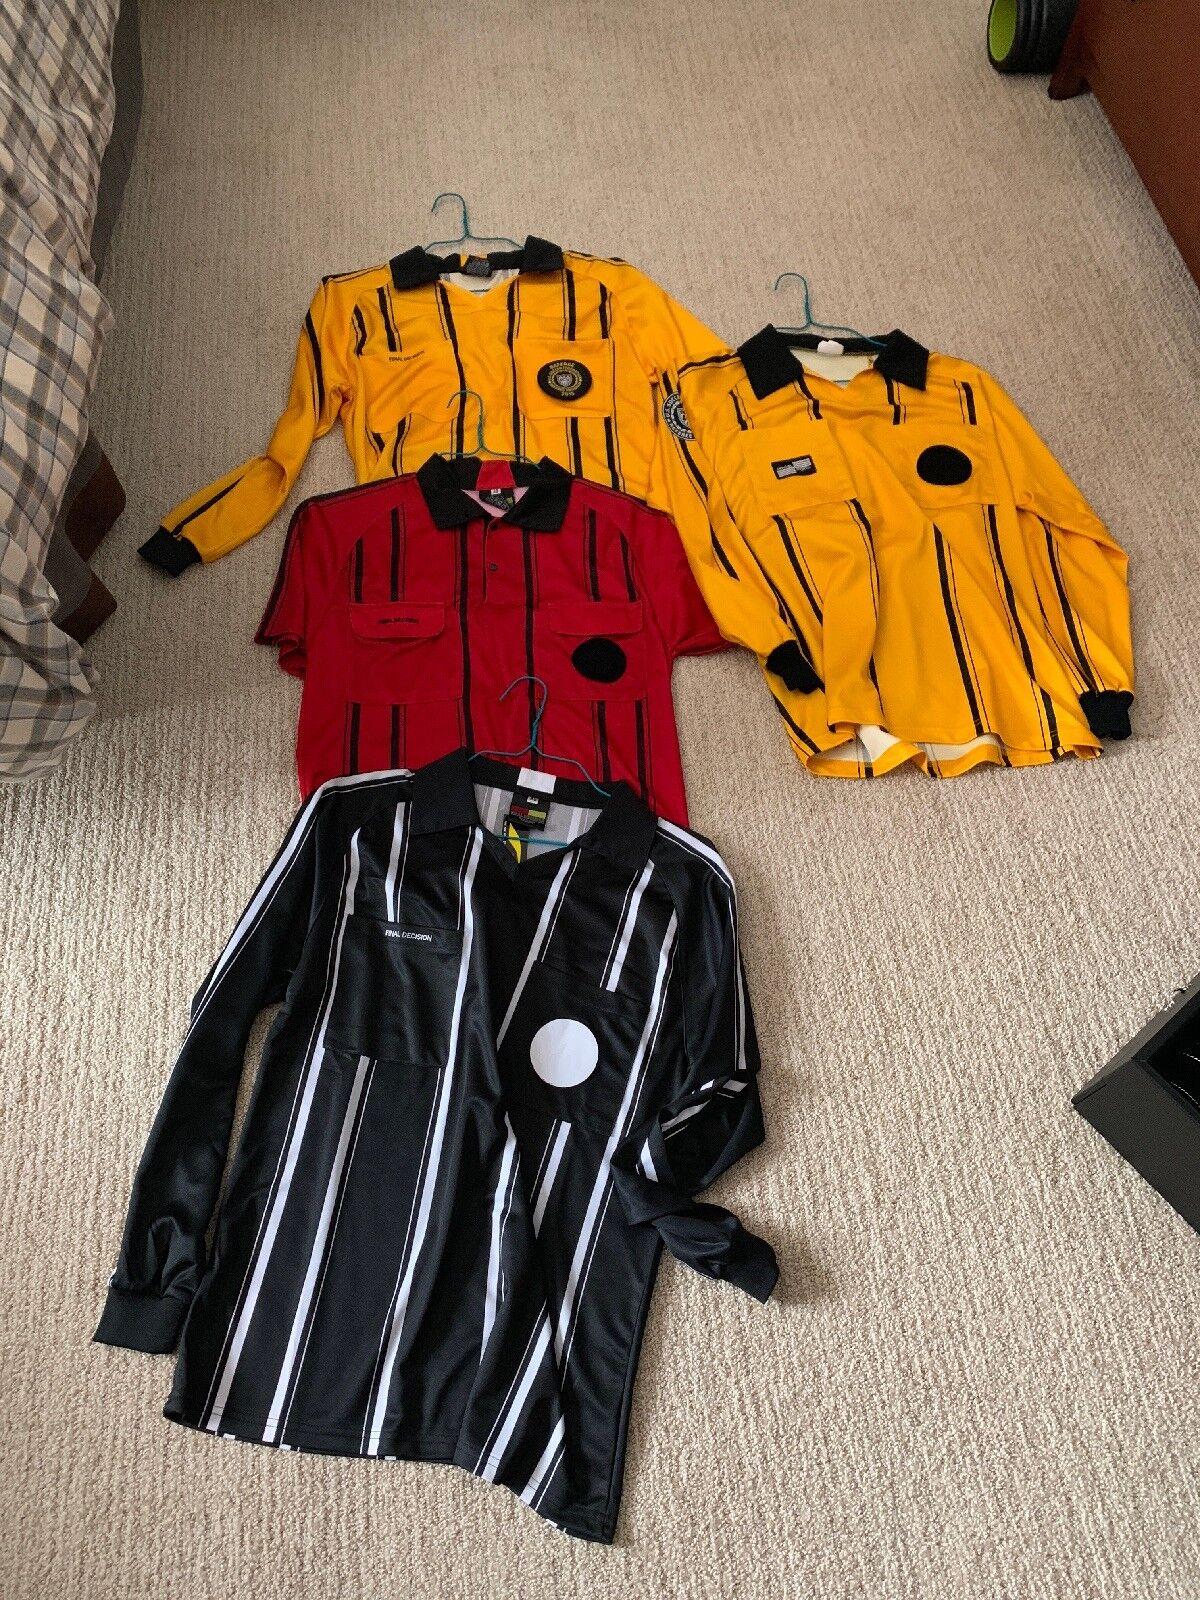 4 Soccer Referee Jerseys Size Small